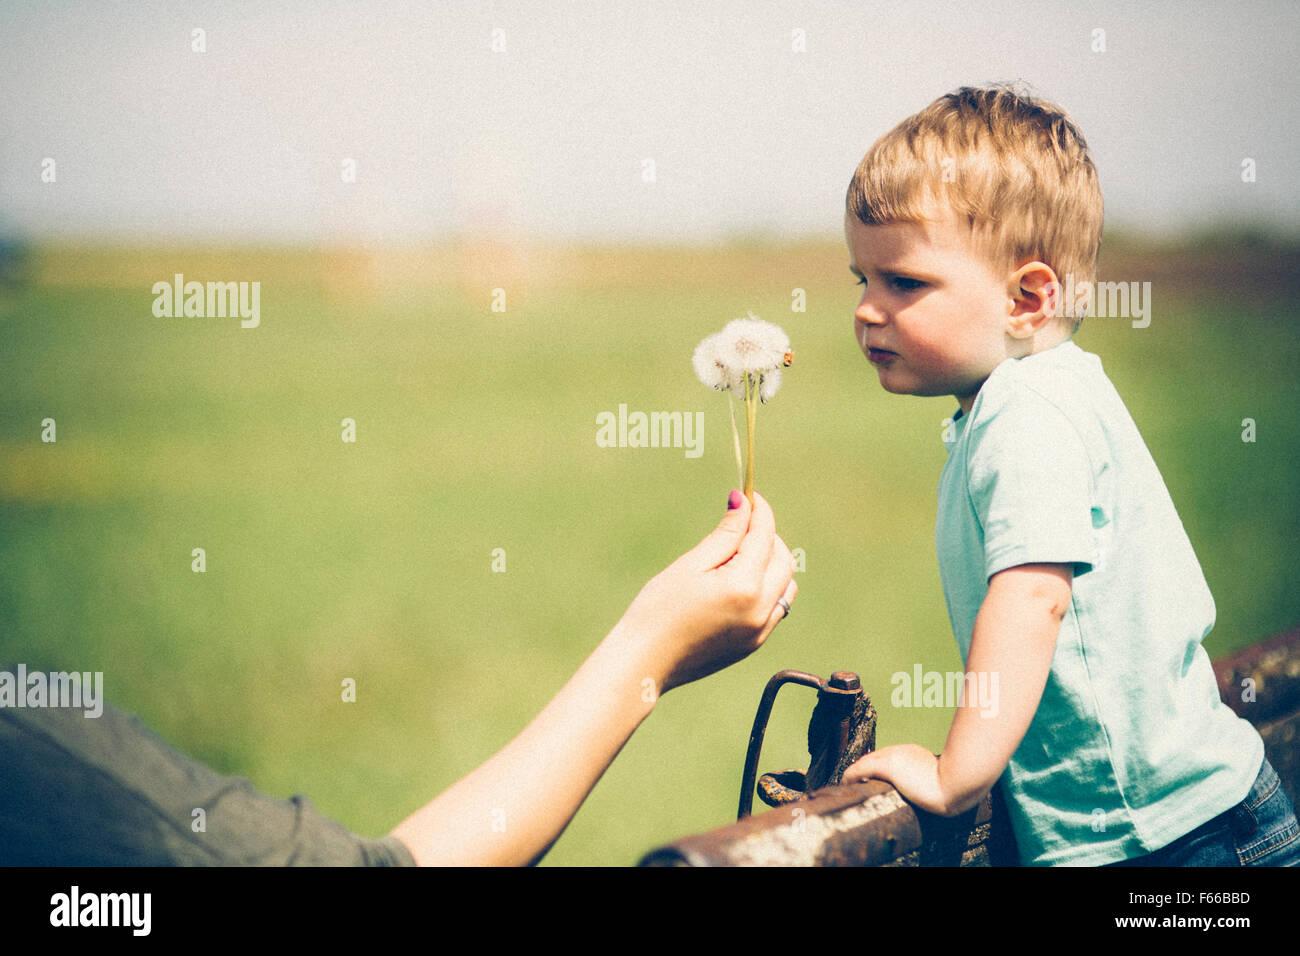 Société de portefeuille mère un pissenlit d'être soufflé par enfant Photo Stock